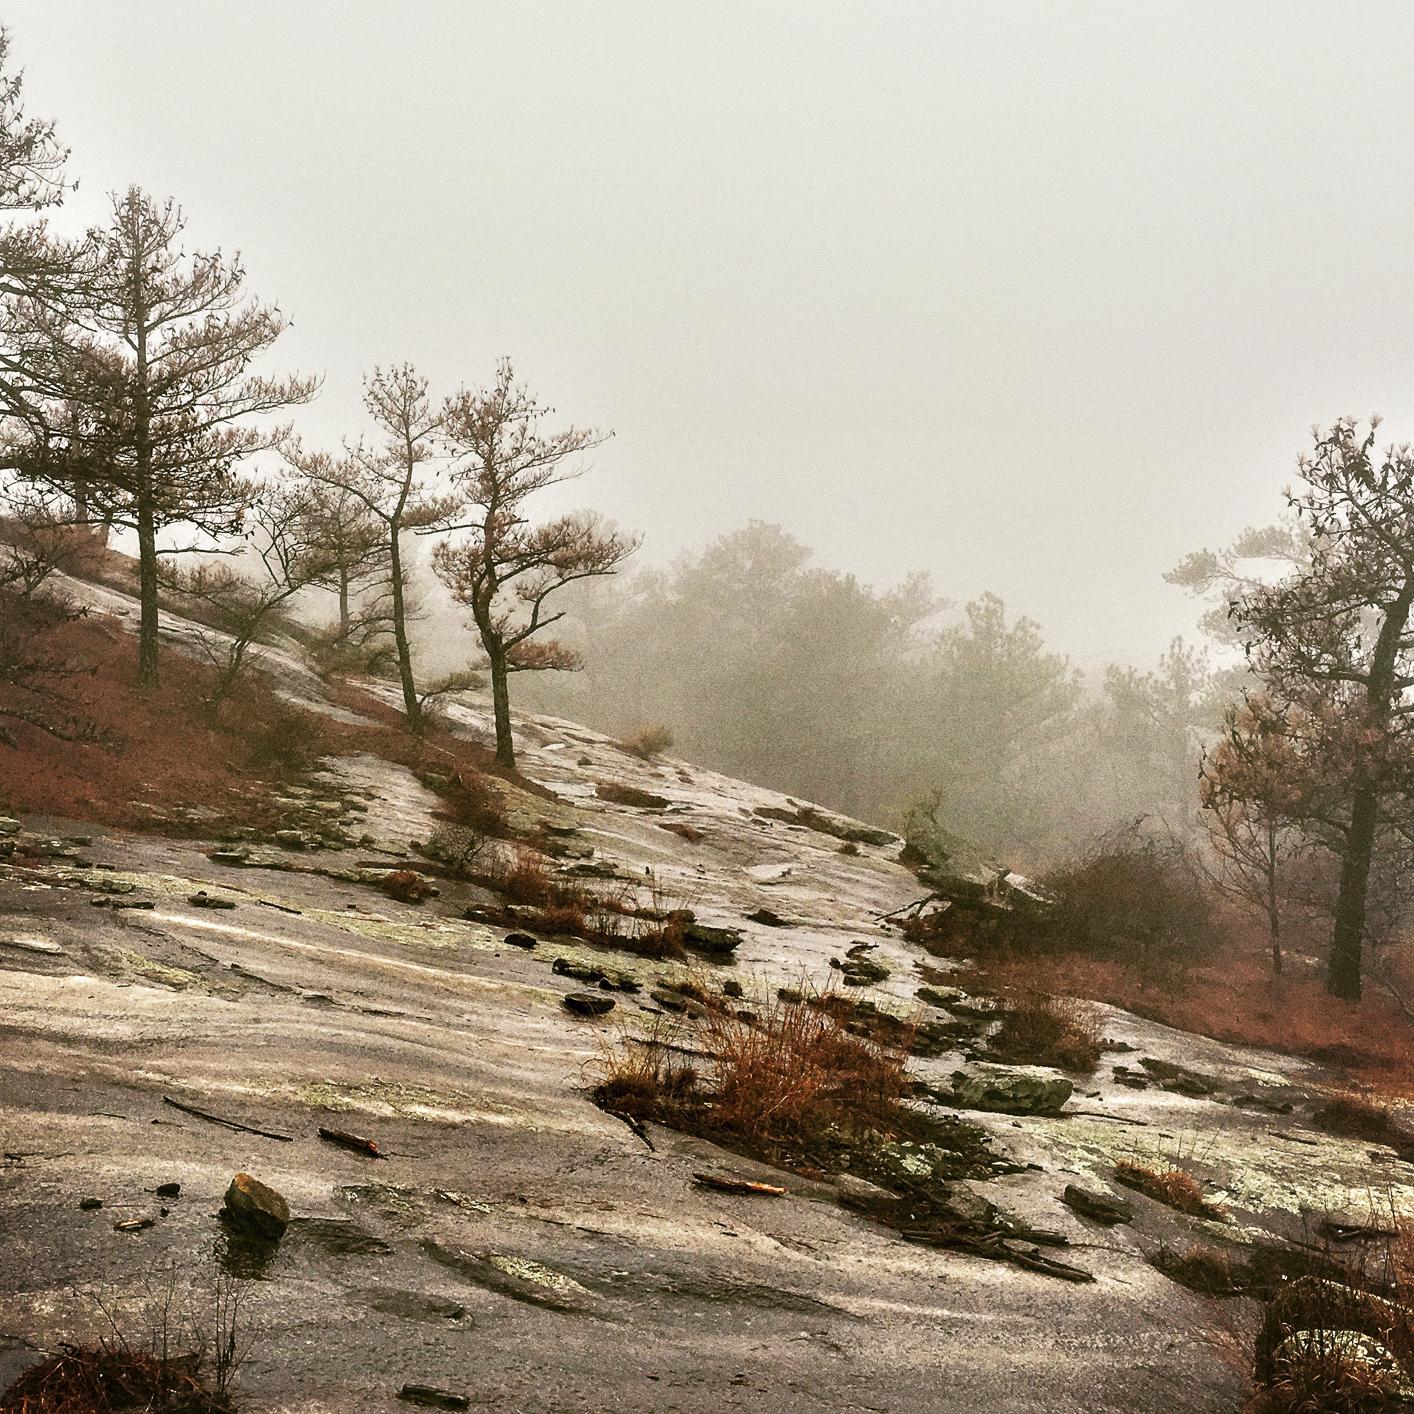 foggy walking trail on Stone Mountain, GA